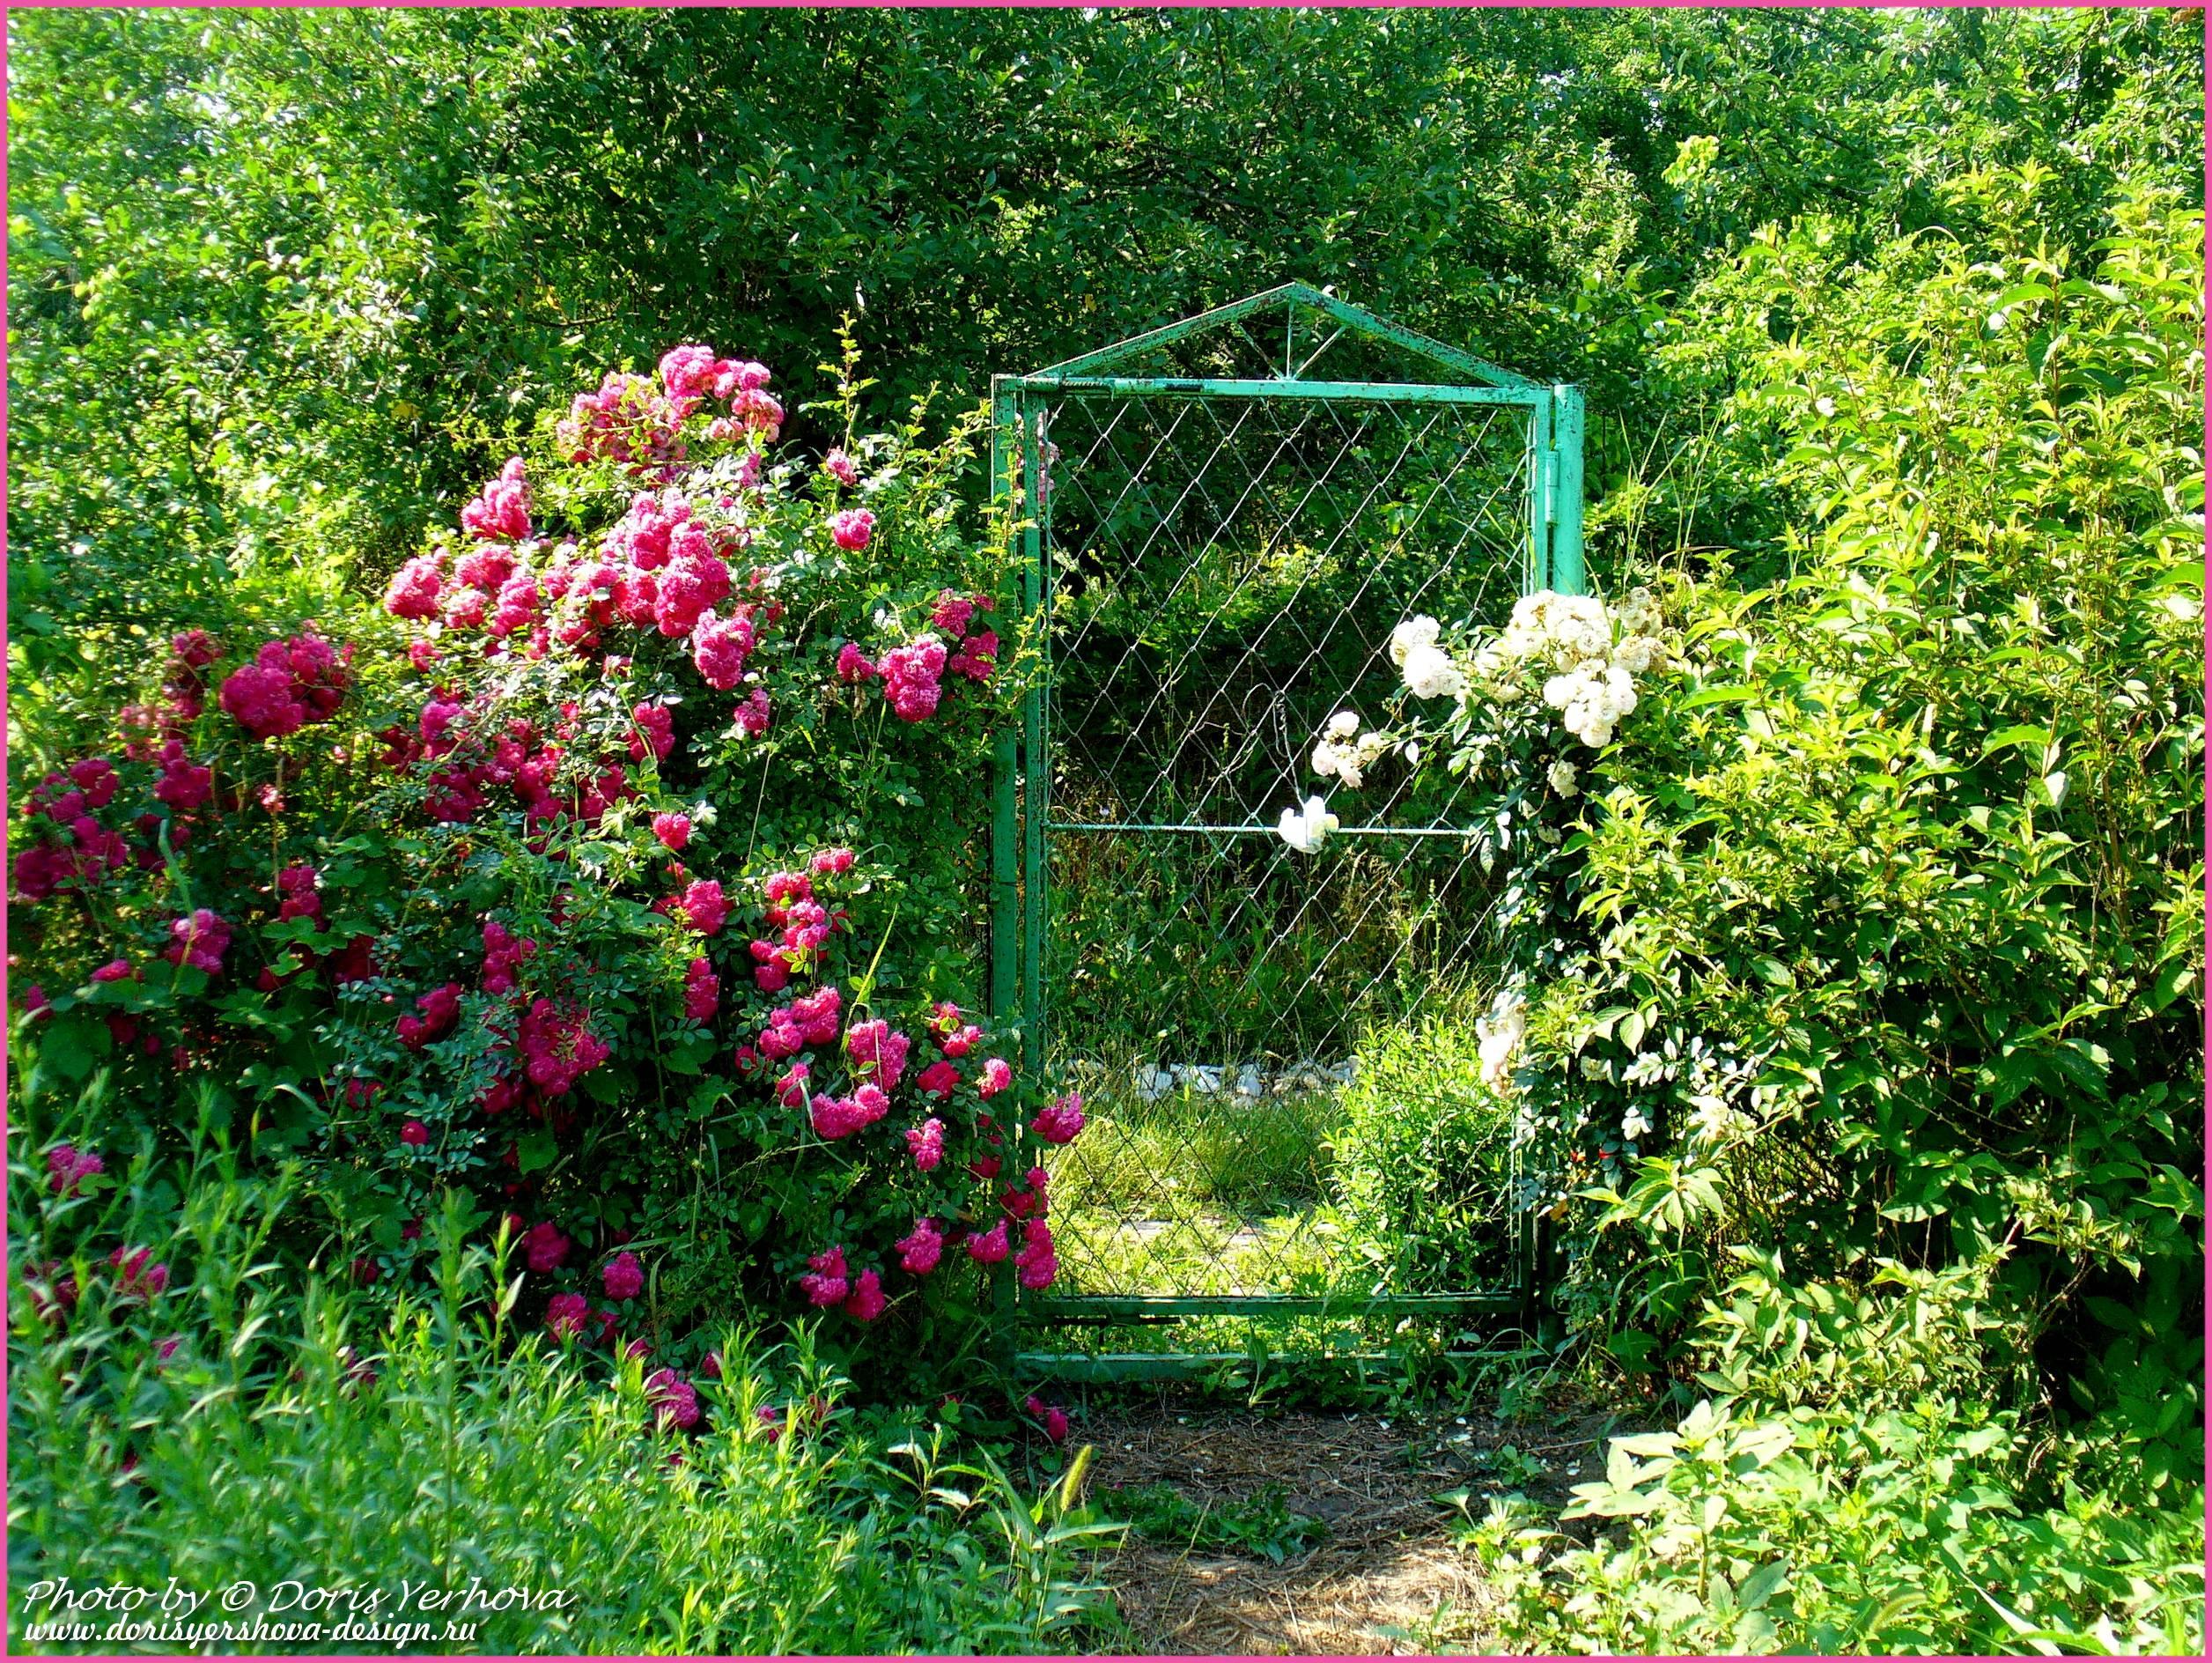 английский коттедж, соломенная кровля, заросший сад английского коттеджа, деревенский стиль сада английского коттеджа, деревенский сад, фото Дорис Ершовой